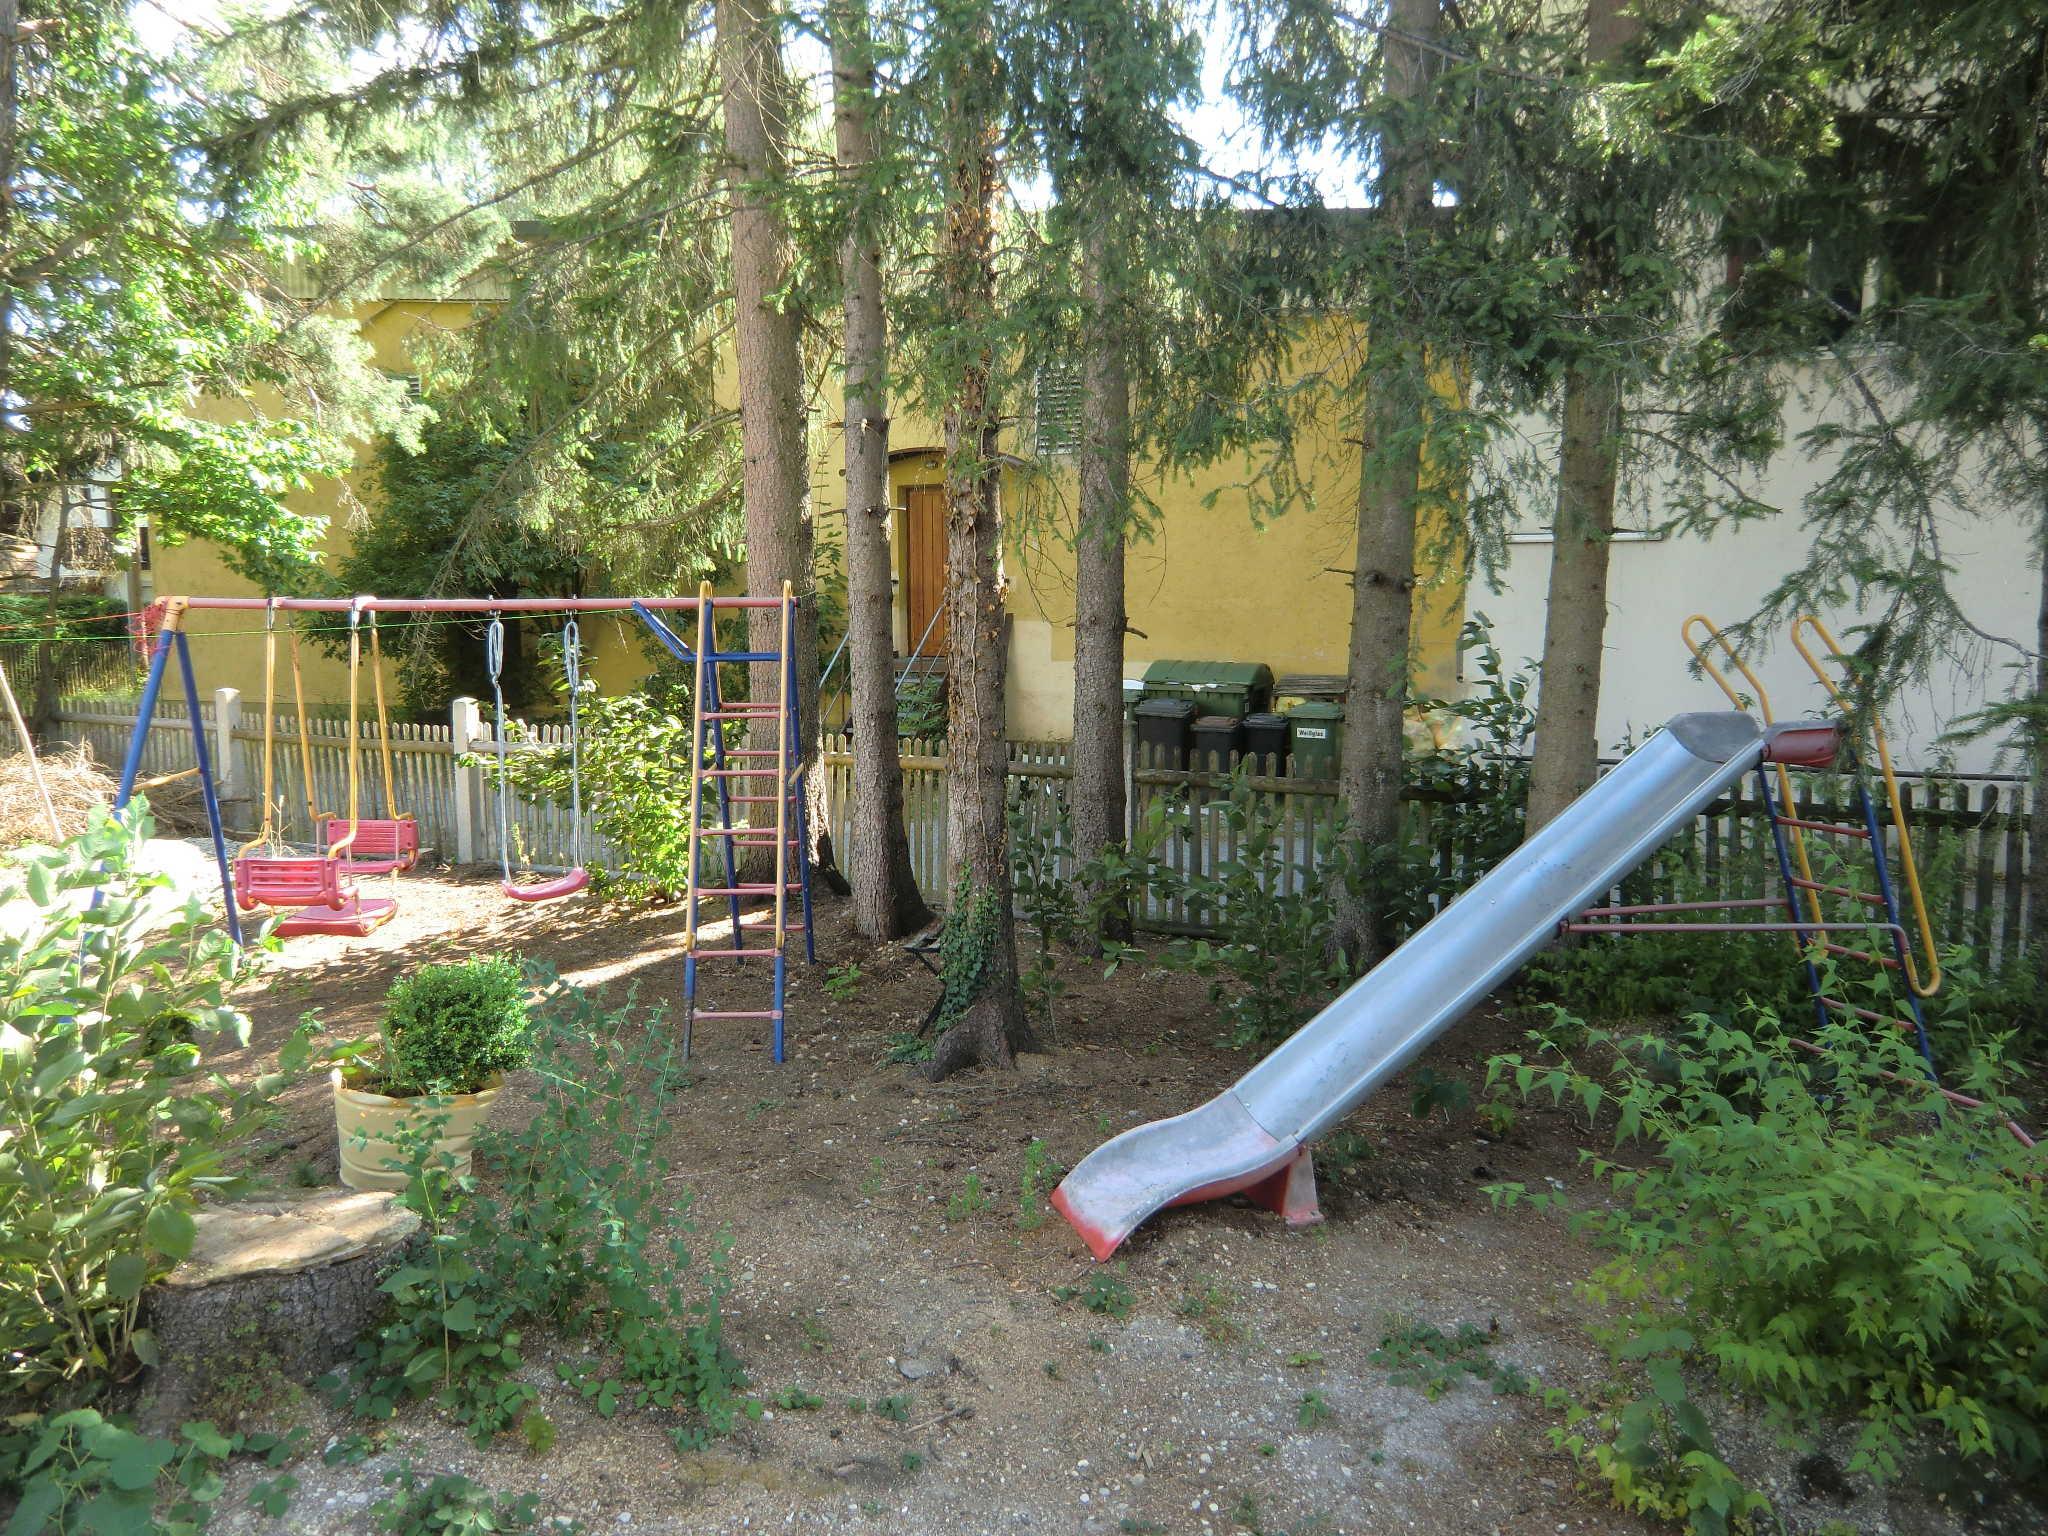 Spielgelegenheit für Kinder im Garten